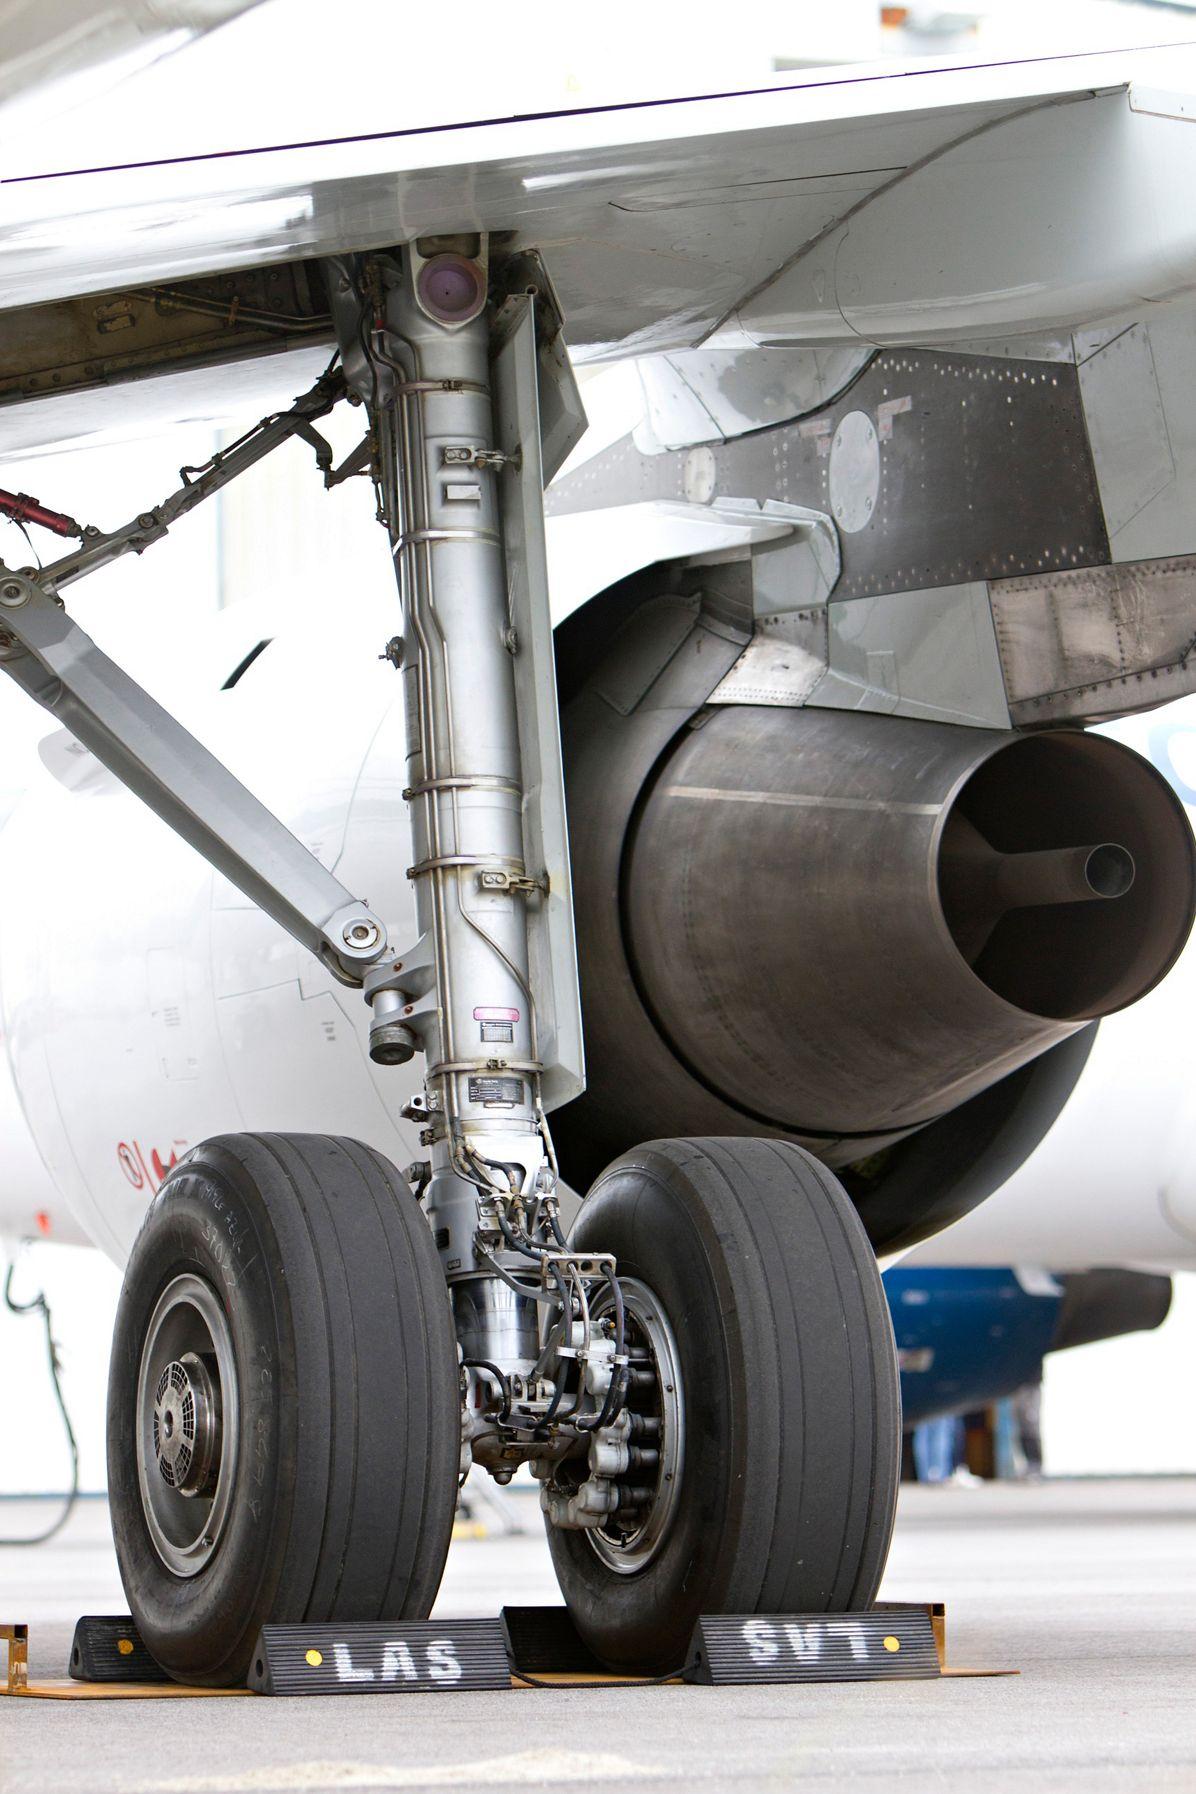 e Taxi - Safran-Airbus